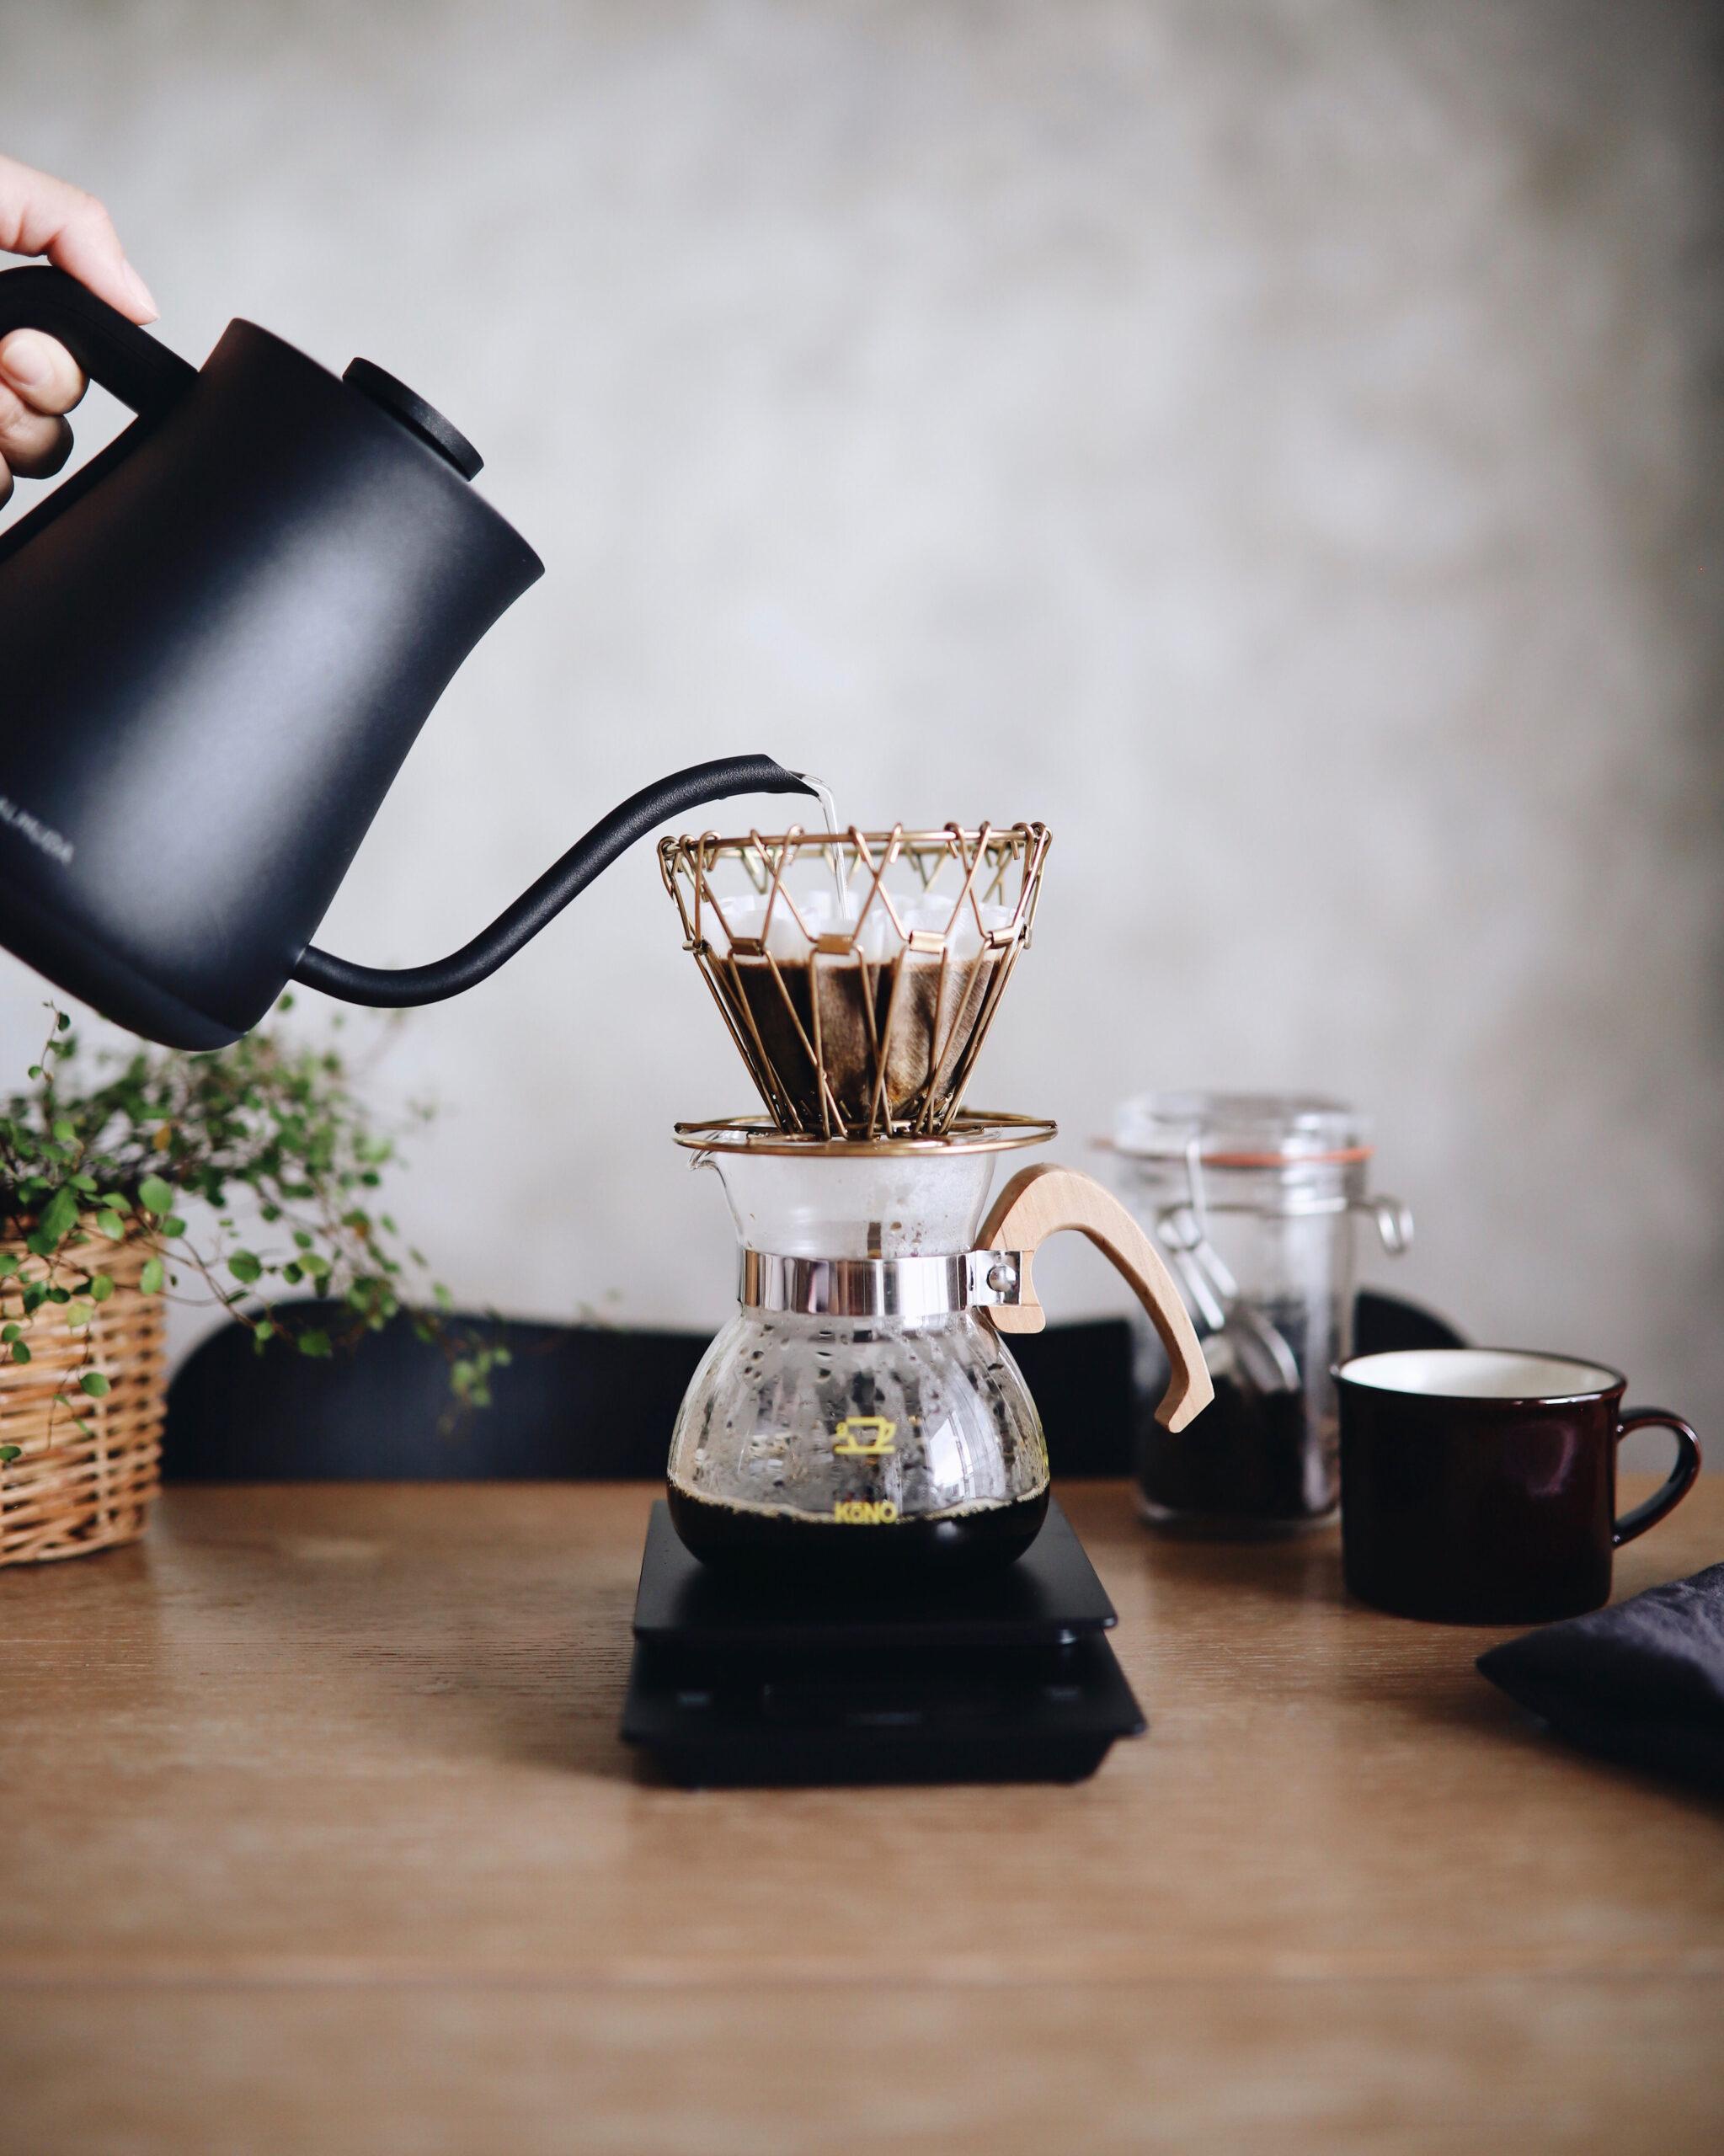 D君:コーヒーは豆から淹れられたらいいな~